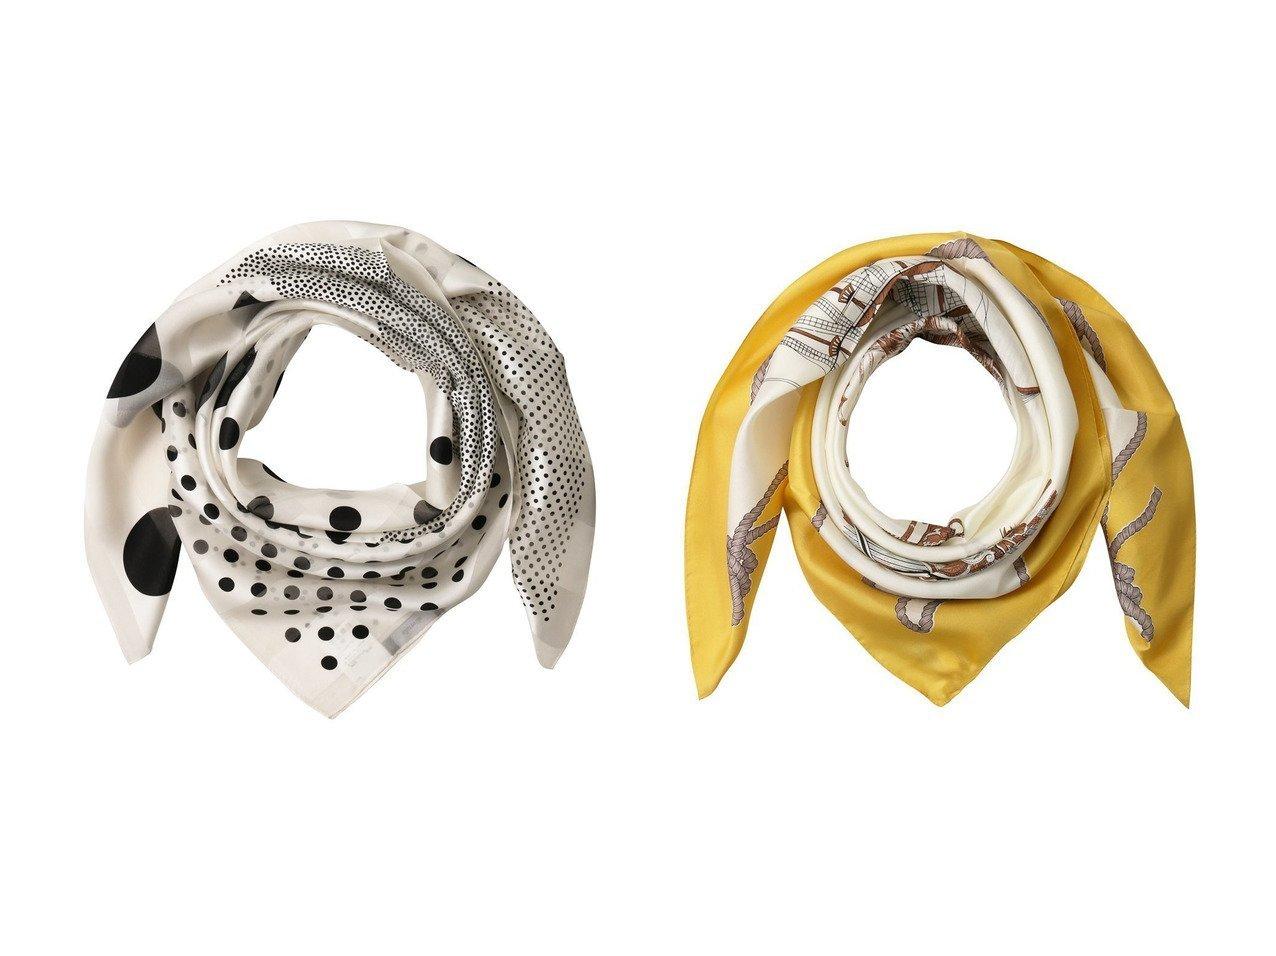 【allureville/アルアバイル】のドットシアーボーダースカーフ&マリンパターンシルクスカーフ おすすめ!人気トレンド・レディースファッションの通販  おすすめで人気のファッション通販商品 インテリア・家具・キッズファッション・メンズファッション・レディースファッション・服の通販 founy(ファニー) https://founy.com/ ファッション Fashion レディースファッション WOMEN シルク スカーフ ドット ボーダー モノトーン クラシカル ラグジュアリー ワンポイント |ID:crp329100000008443